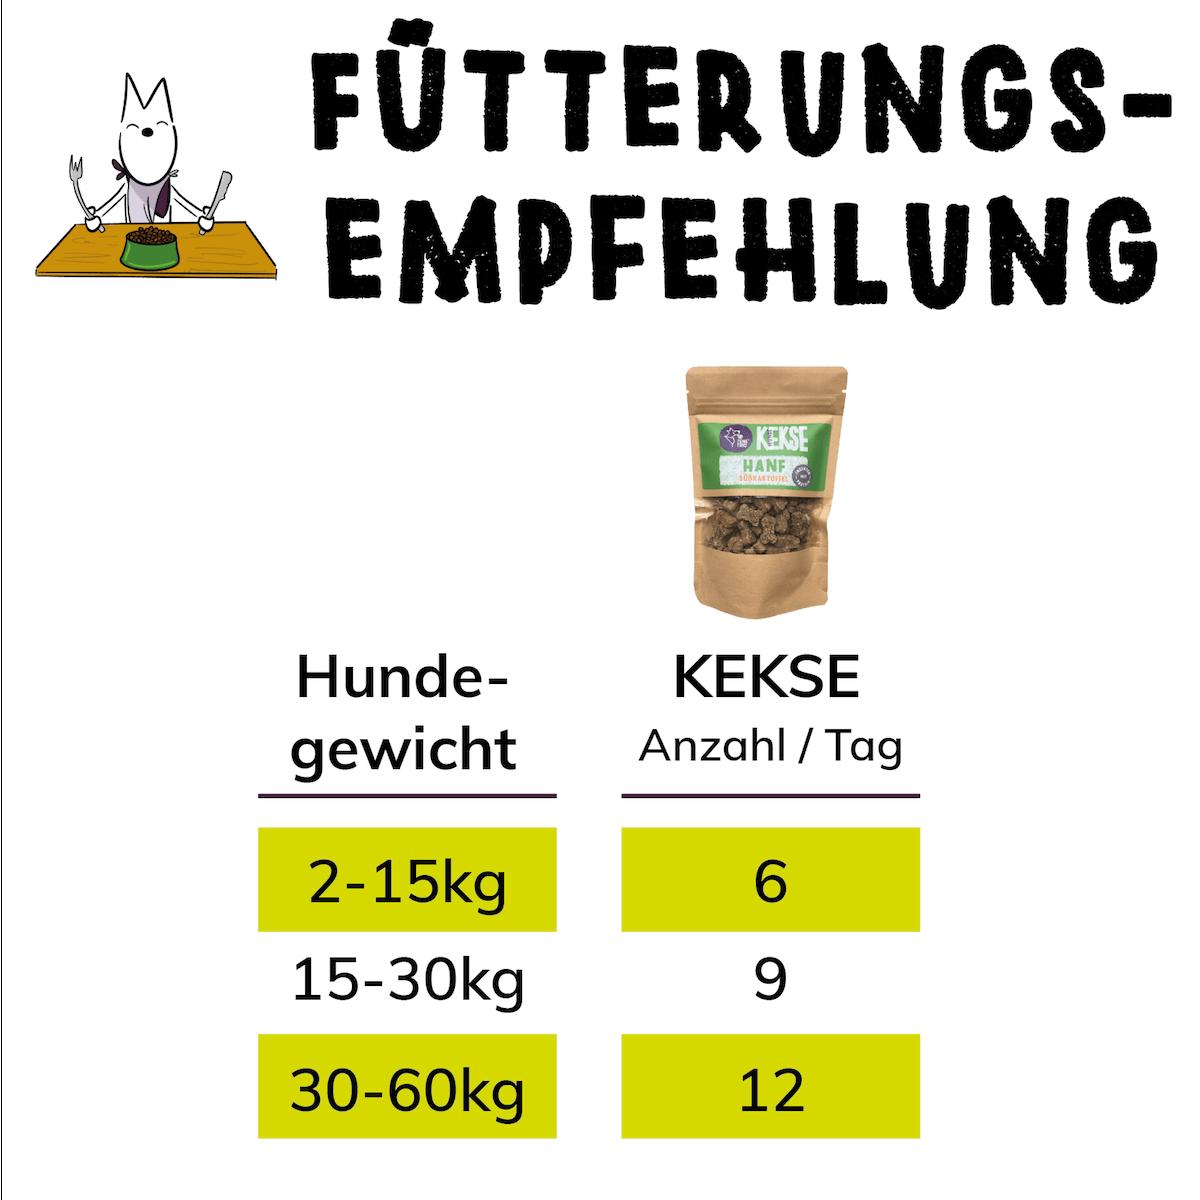 TENETRIO_Futterungsempfehlung_Hundekekse-Hanf-Insektenprotein